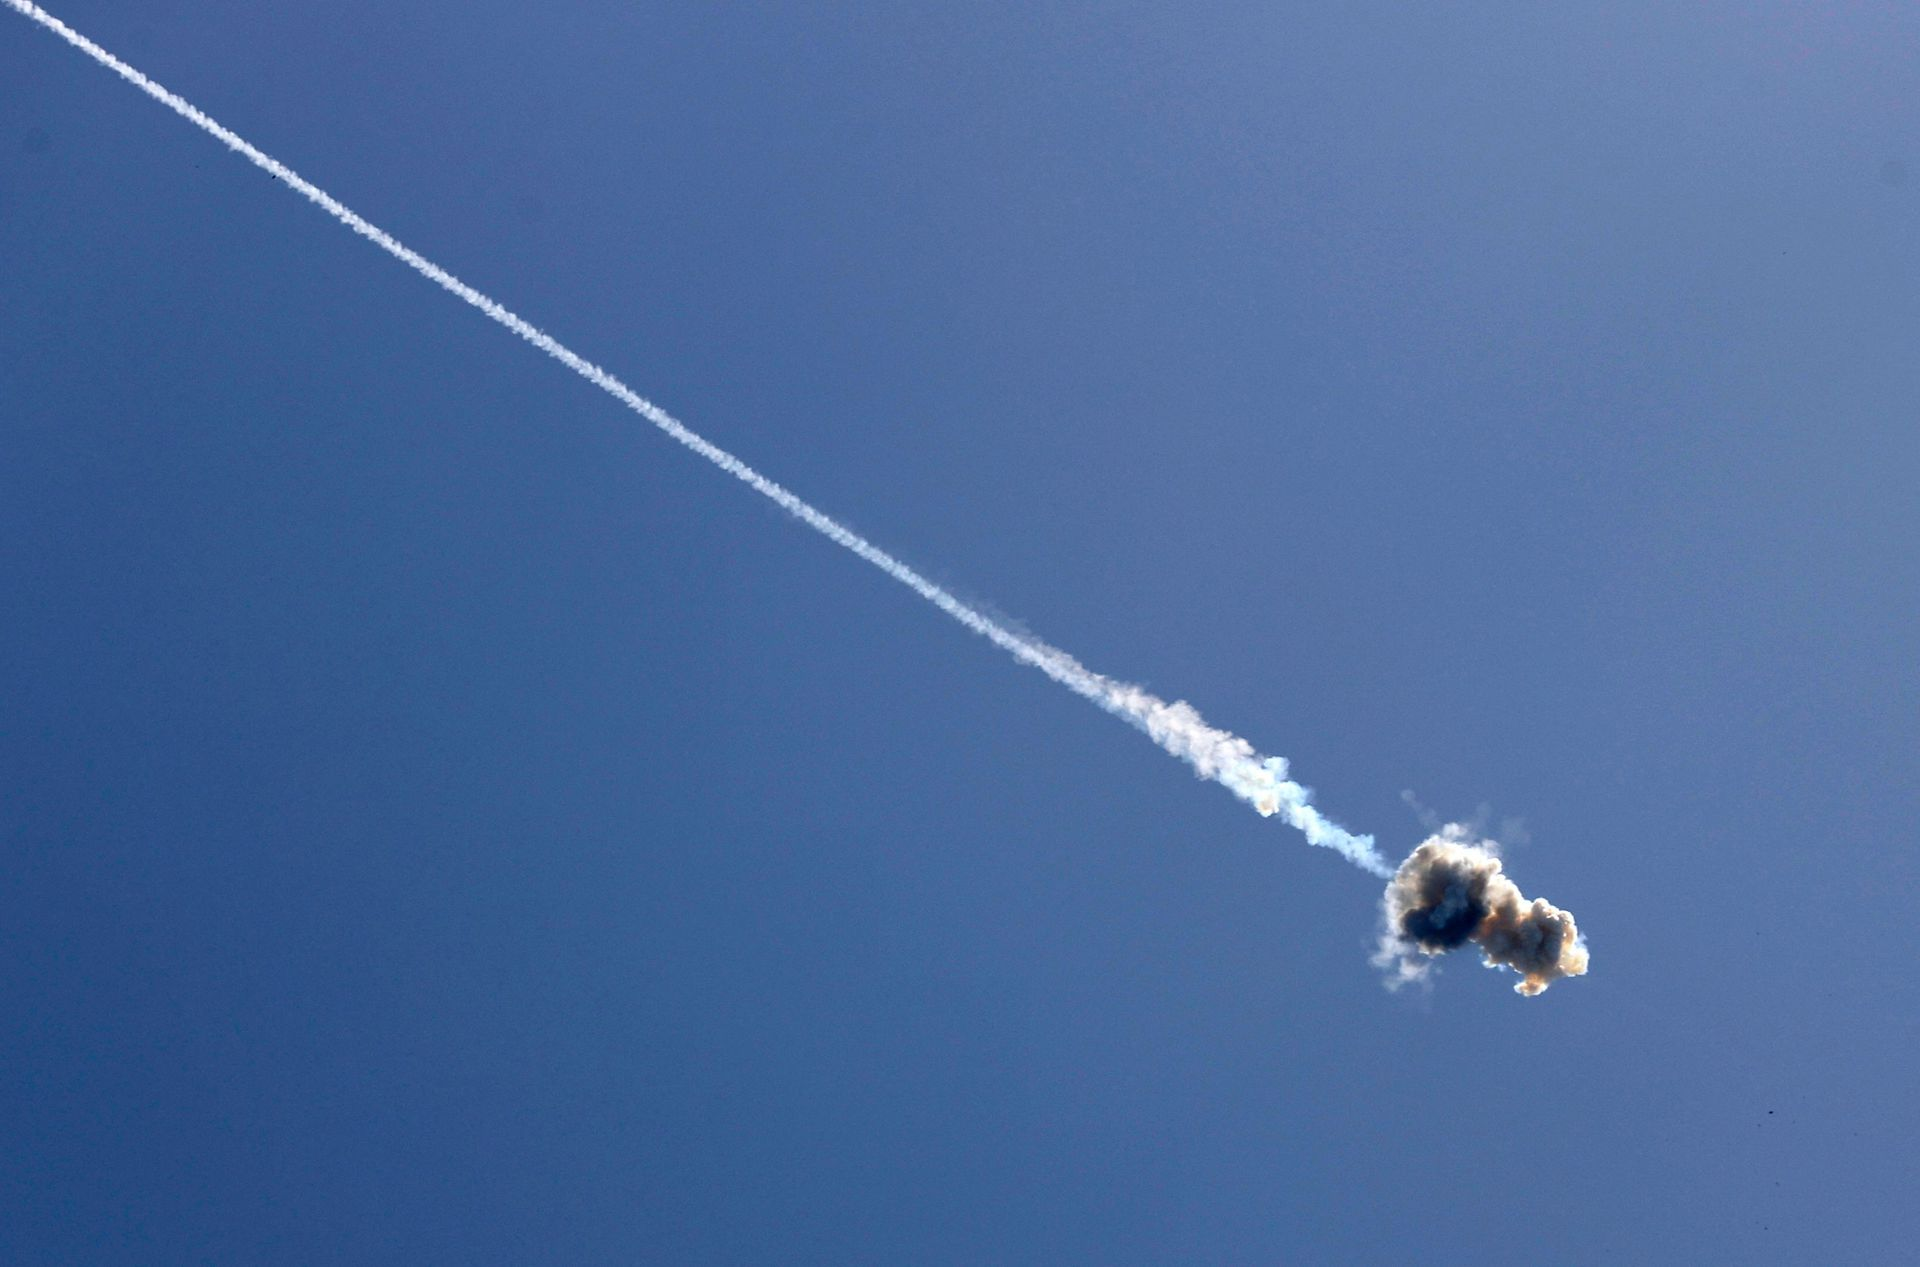 El sistema de defensa aérea Cúpula de Hierro de Israel intercepta un misil lanzado desde la Franja de Gaza, controlado por el movimiento palestino Hamas, sobre la ciudad de Ashkelon, en el sur de Israel